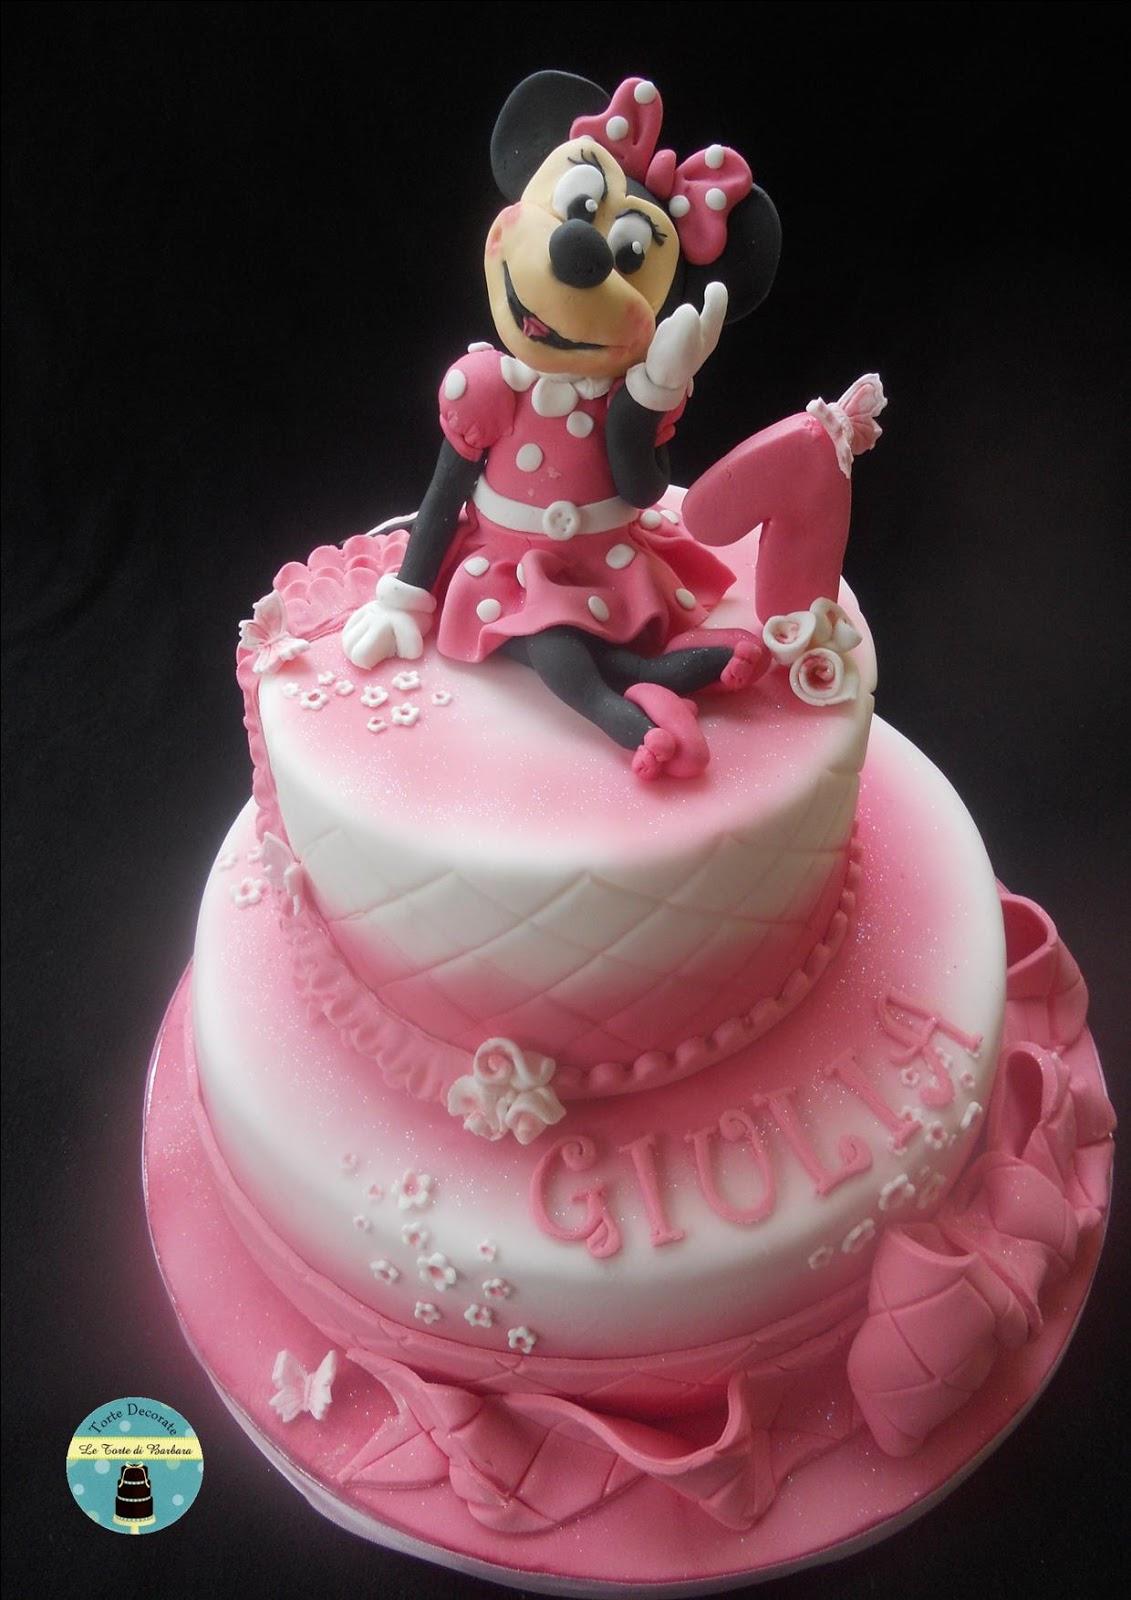 Preferenza Le Torte di Barbara: Torta Minnie per il primo compleanno!! IK77